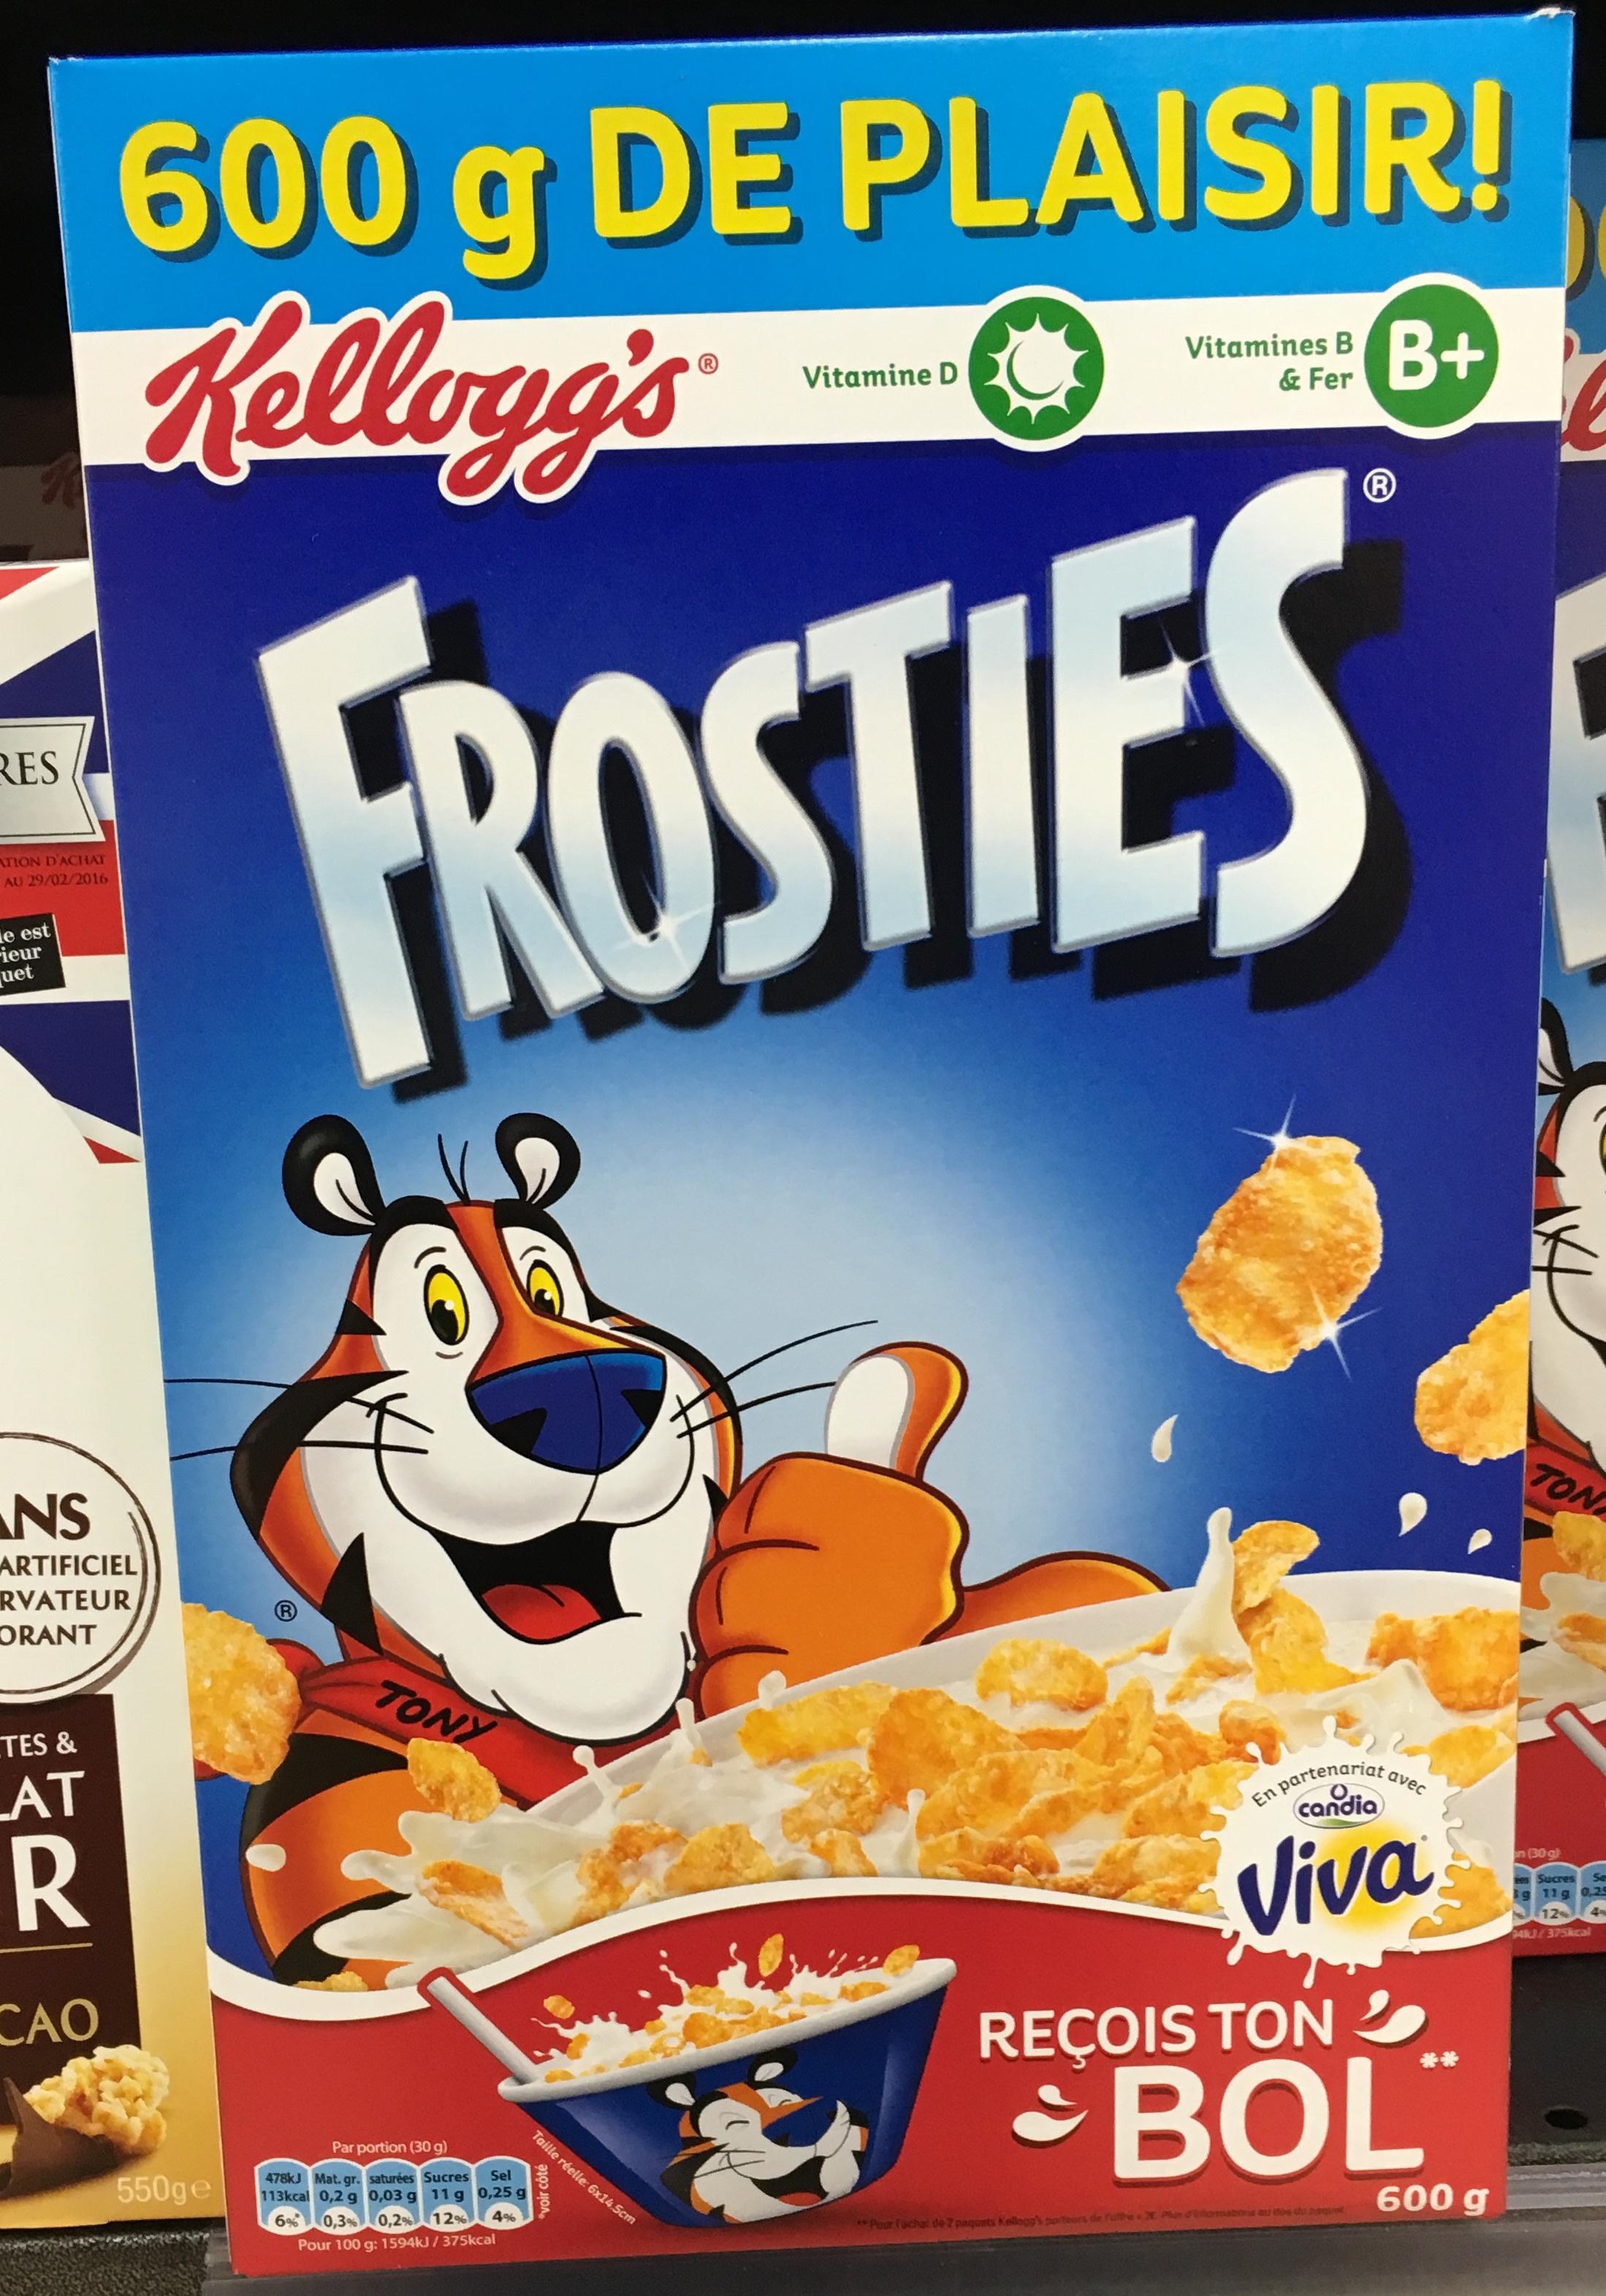 Frostis